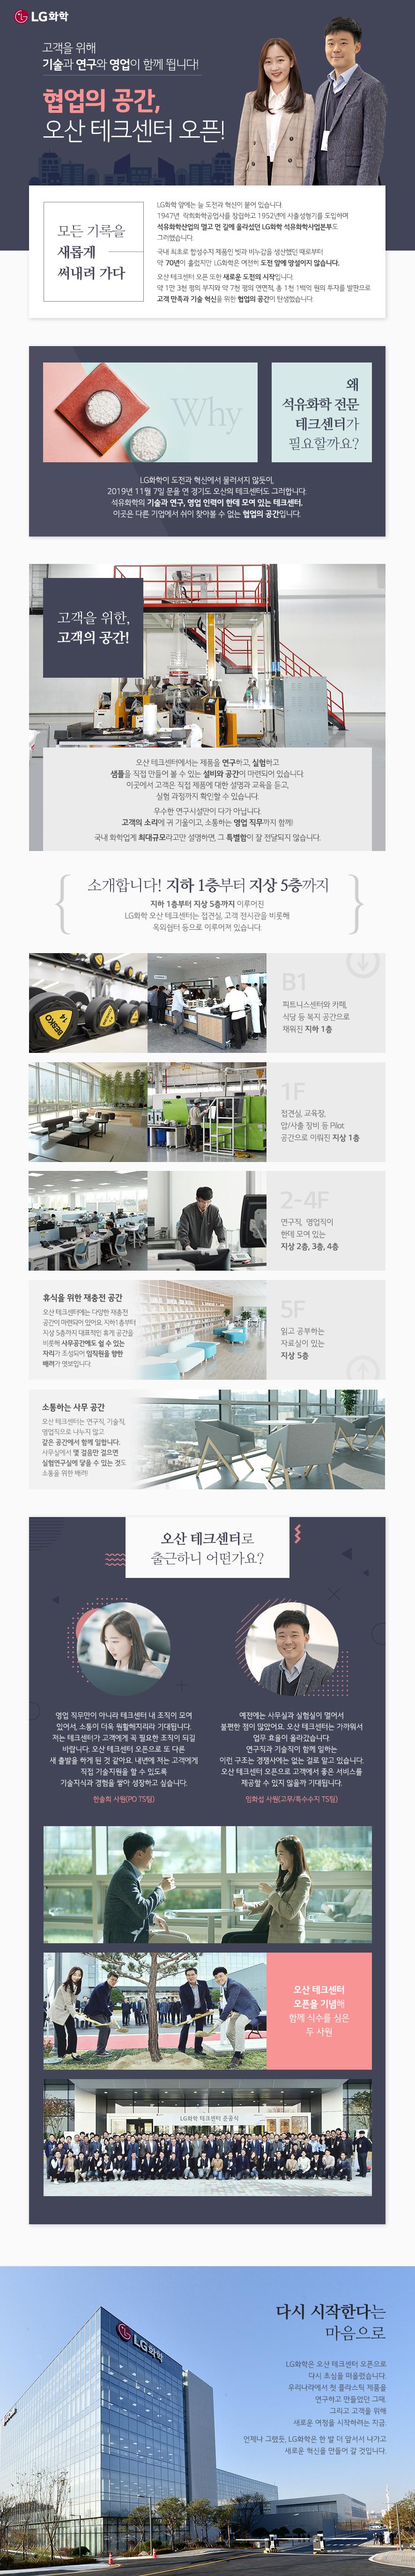 고객을 위해 기술과 연구와 영업이 함께 뜁니다! 협업의 공간, 오산 테크센터 오픈!